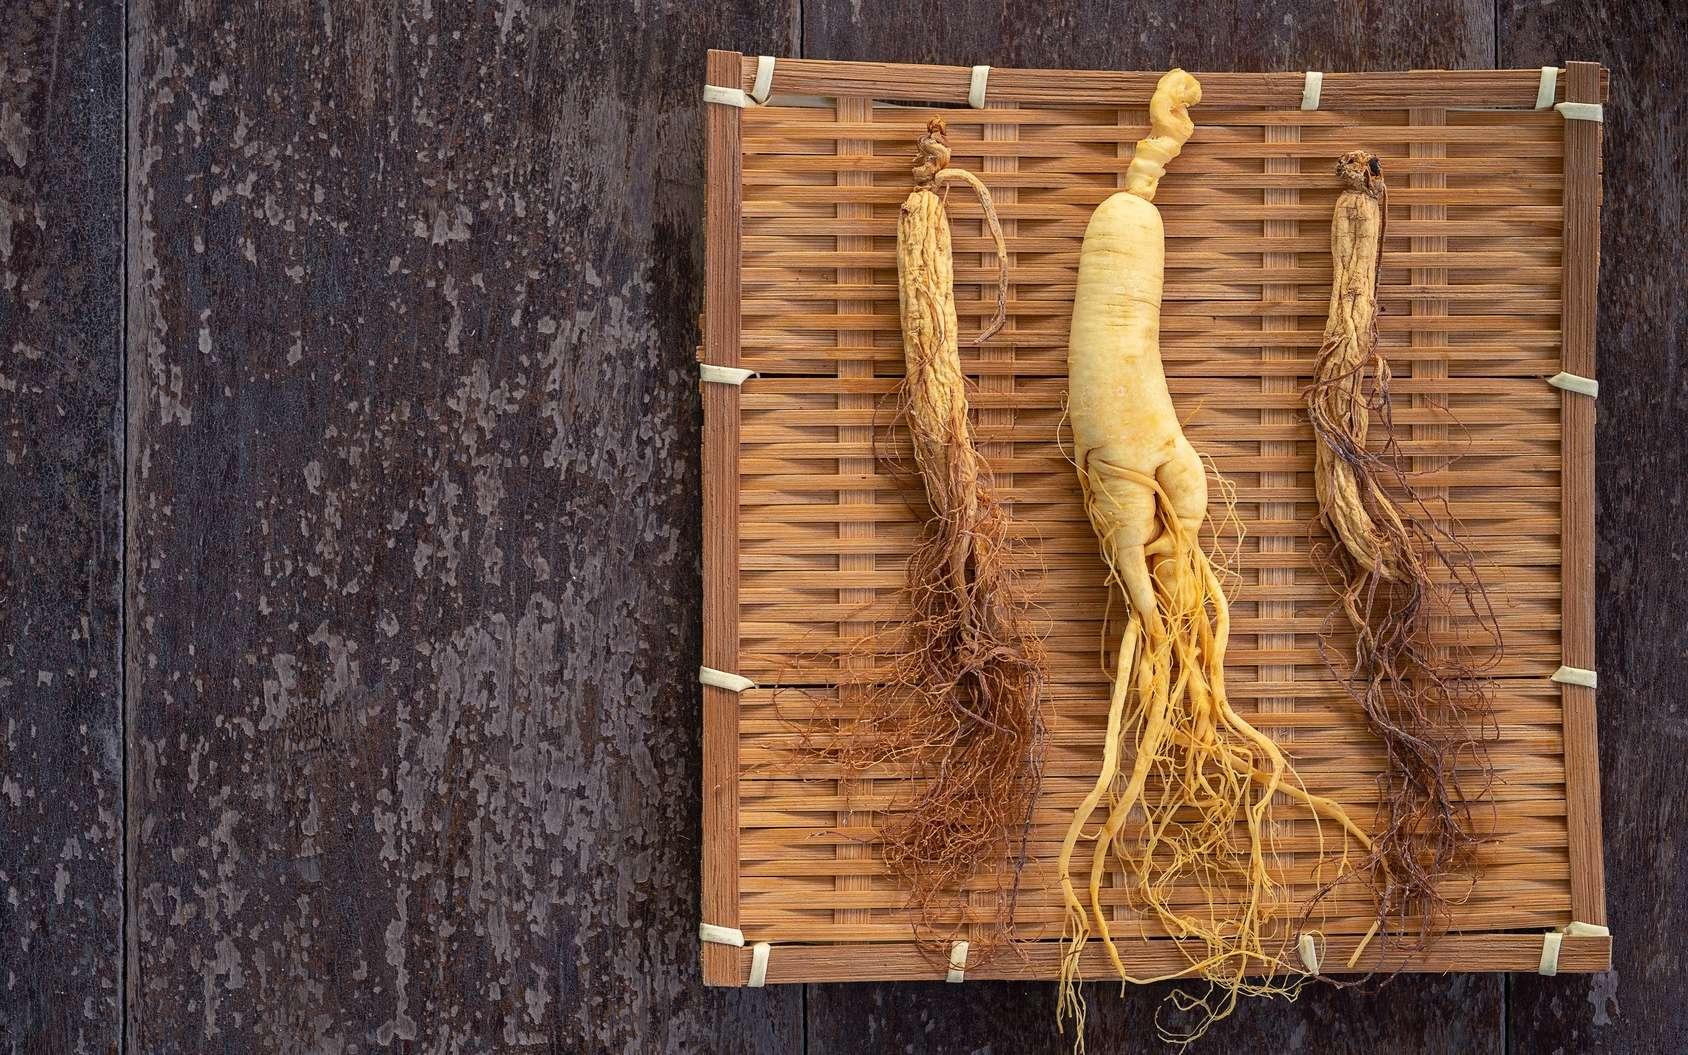 Le ginseng provient de la plante panax ginseng. © arrowsmith2, Fotolia